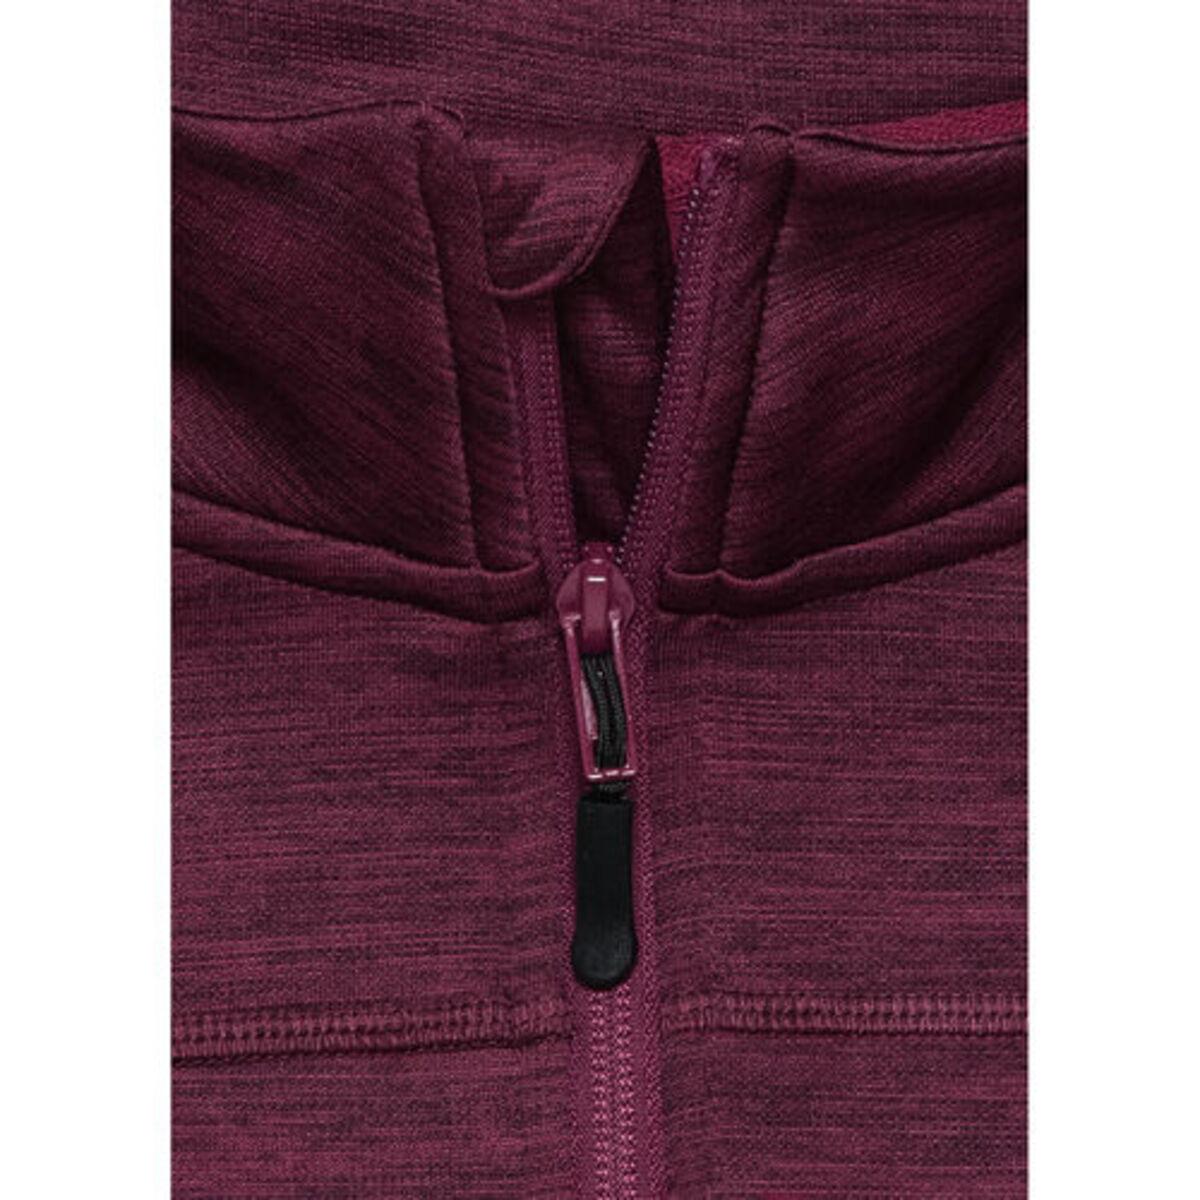 Bild 4 von FLM            Fleece Pullover Damen 3.0 violett